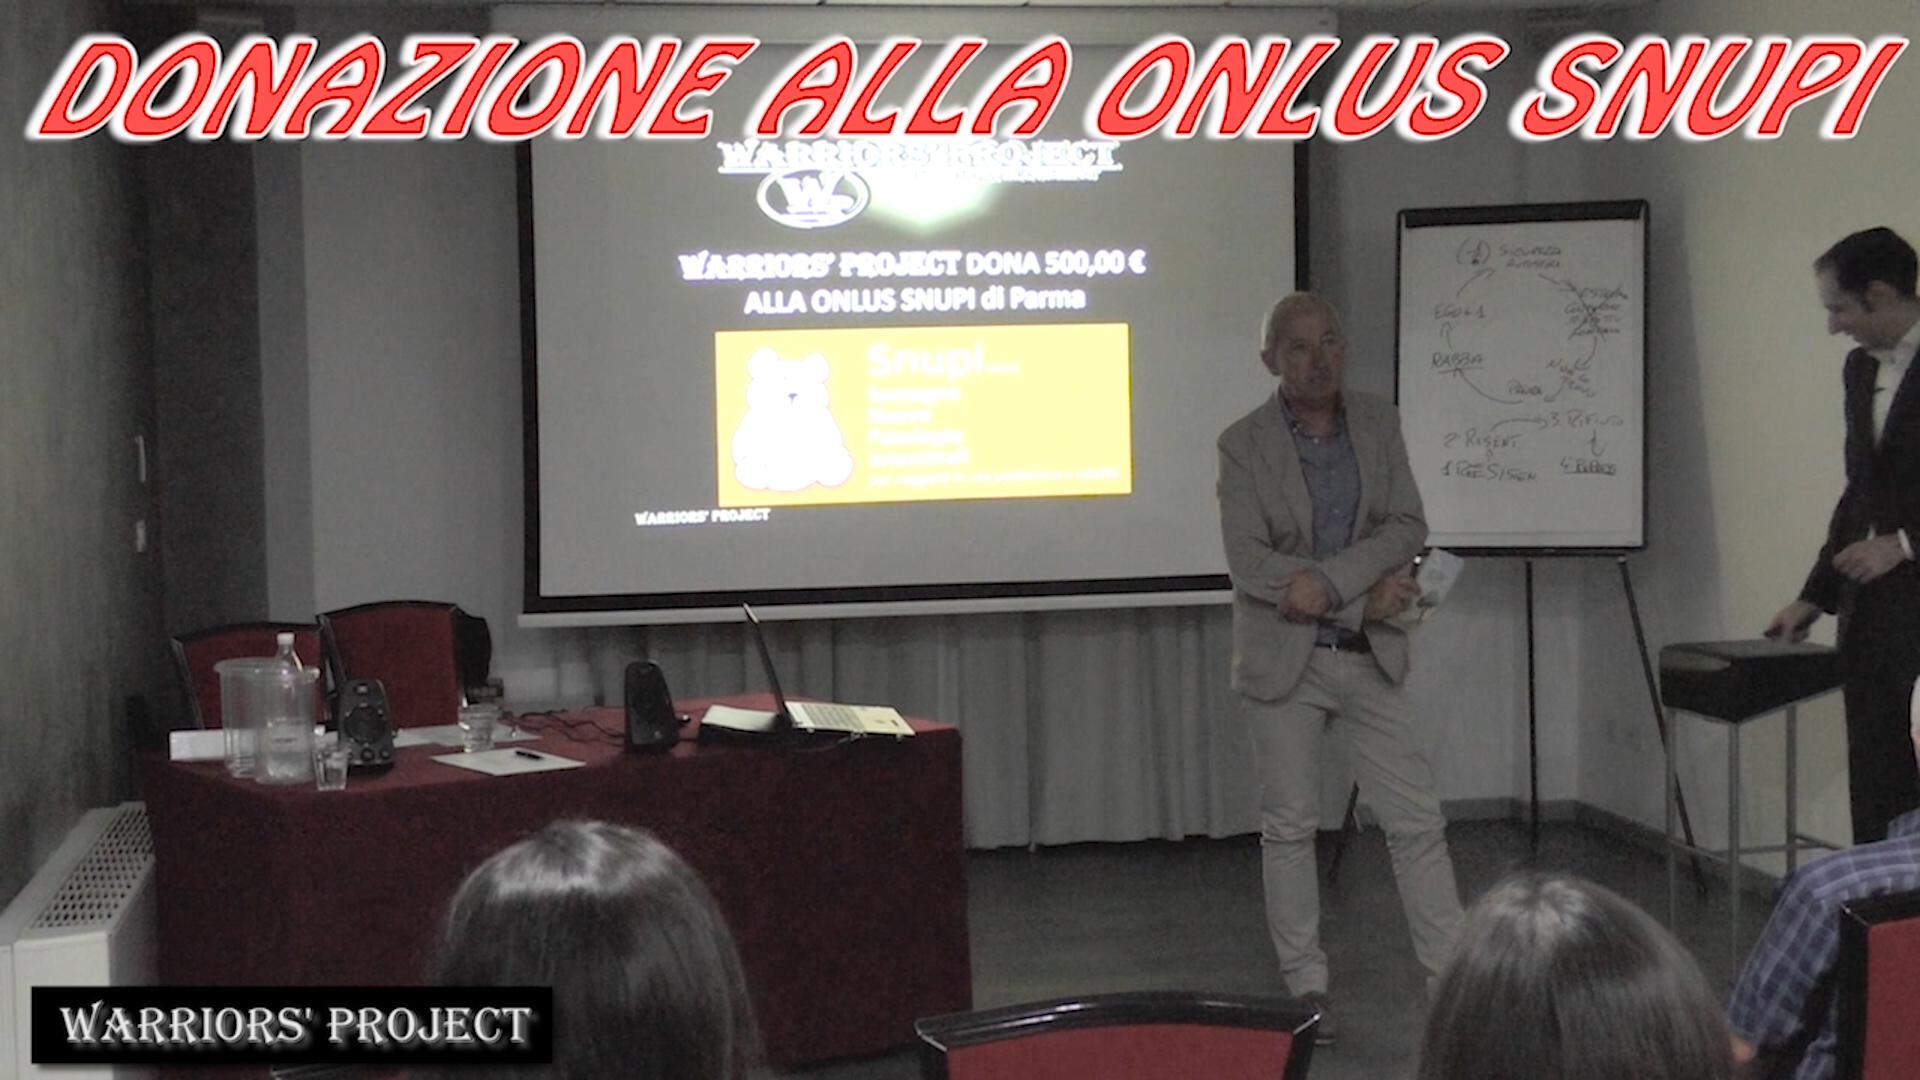 Donazione Warriors' Project alla ONLUS SNUPI di Parma - Inquadrati Giulio Orsini e Vincenzo Cento